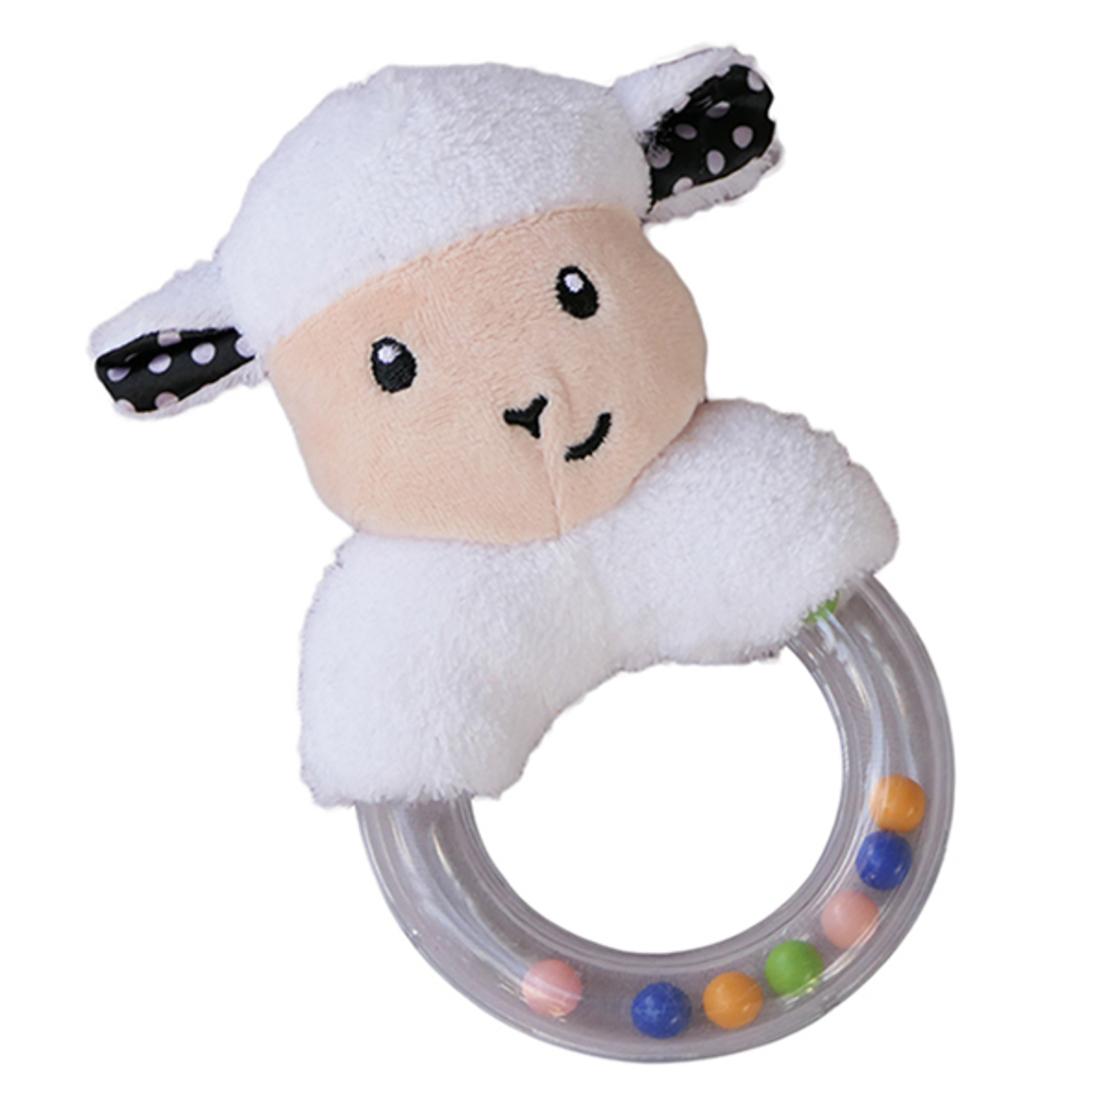 6# - ילדים זו שמחה לבן : סלסילה שחור-לבן משמחת מכילה חליפת שני חלקים, קפוצ'ון ורעשן טבעת קטיפתי